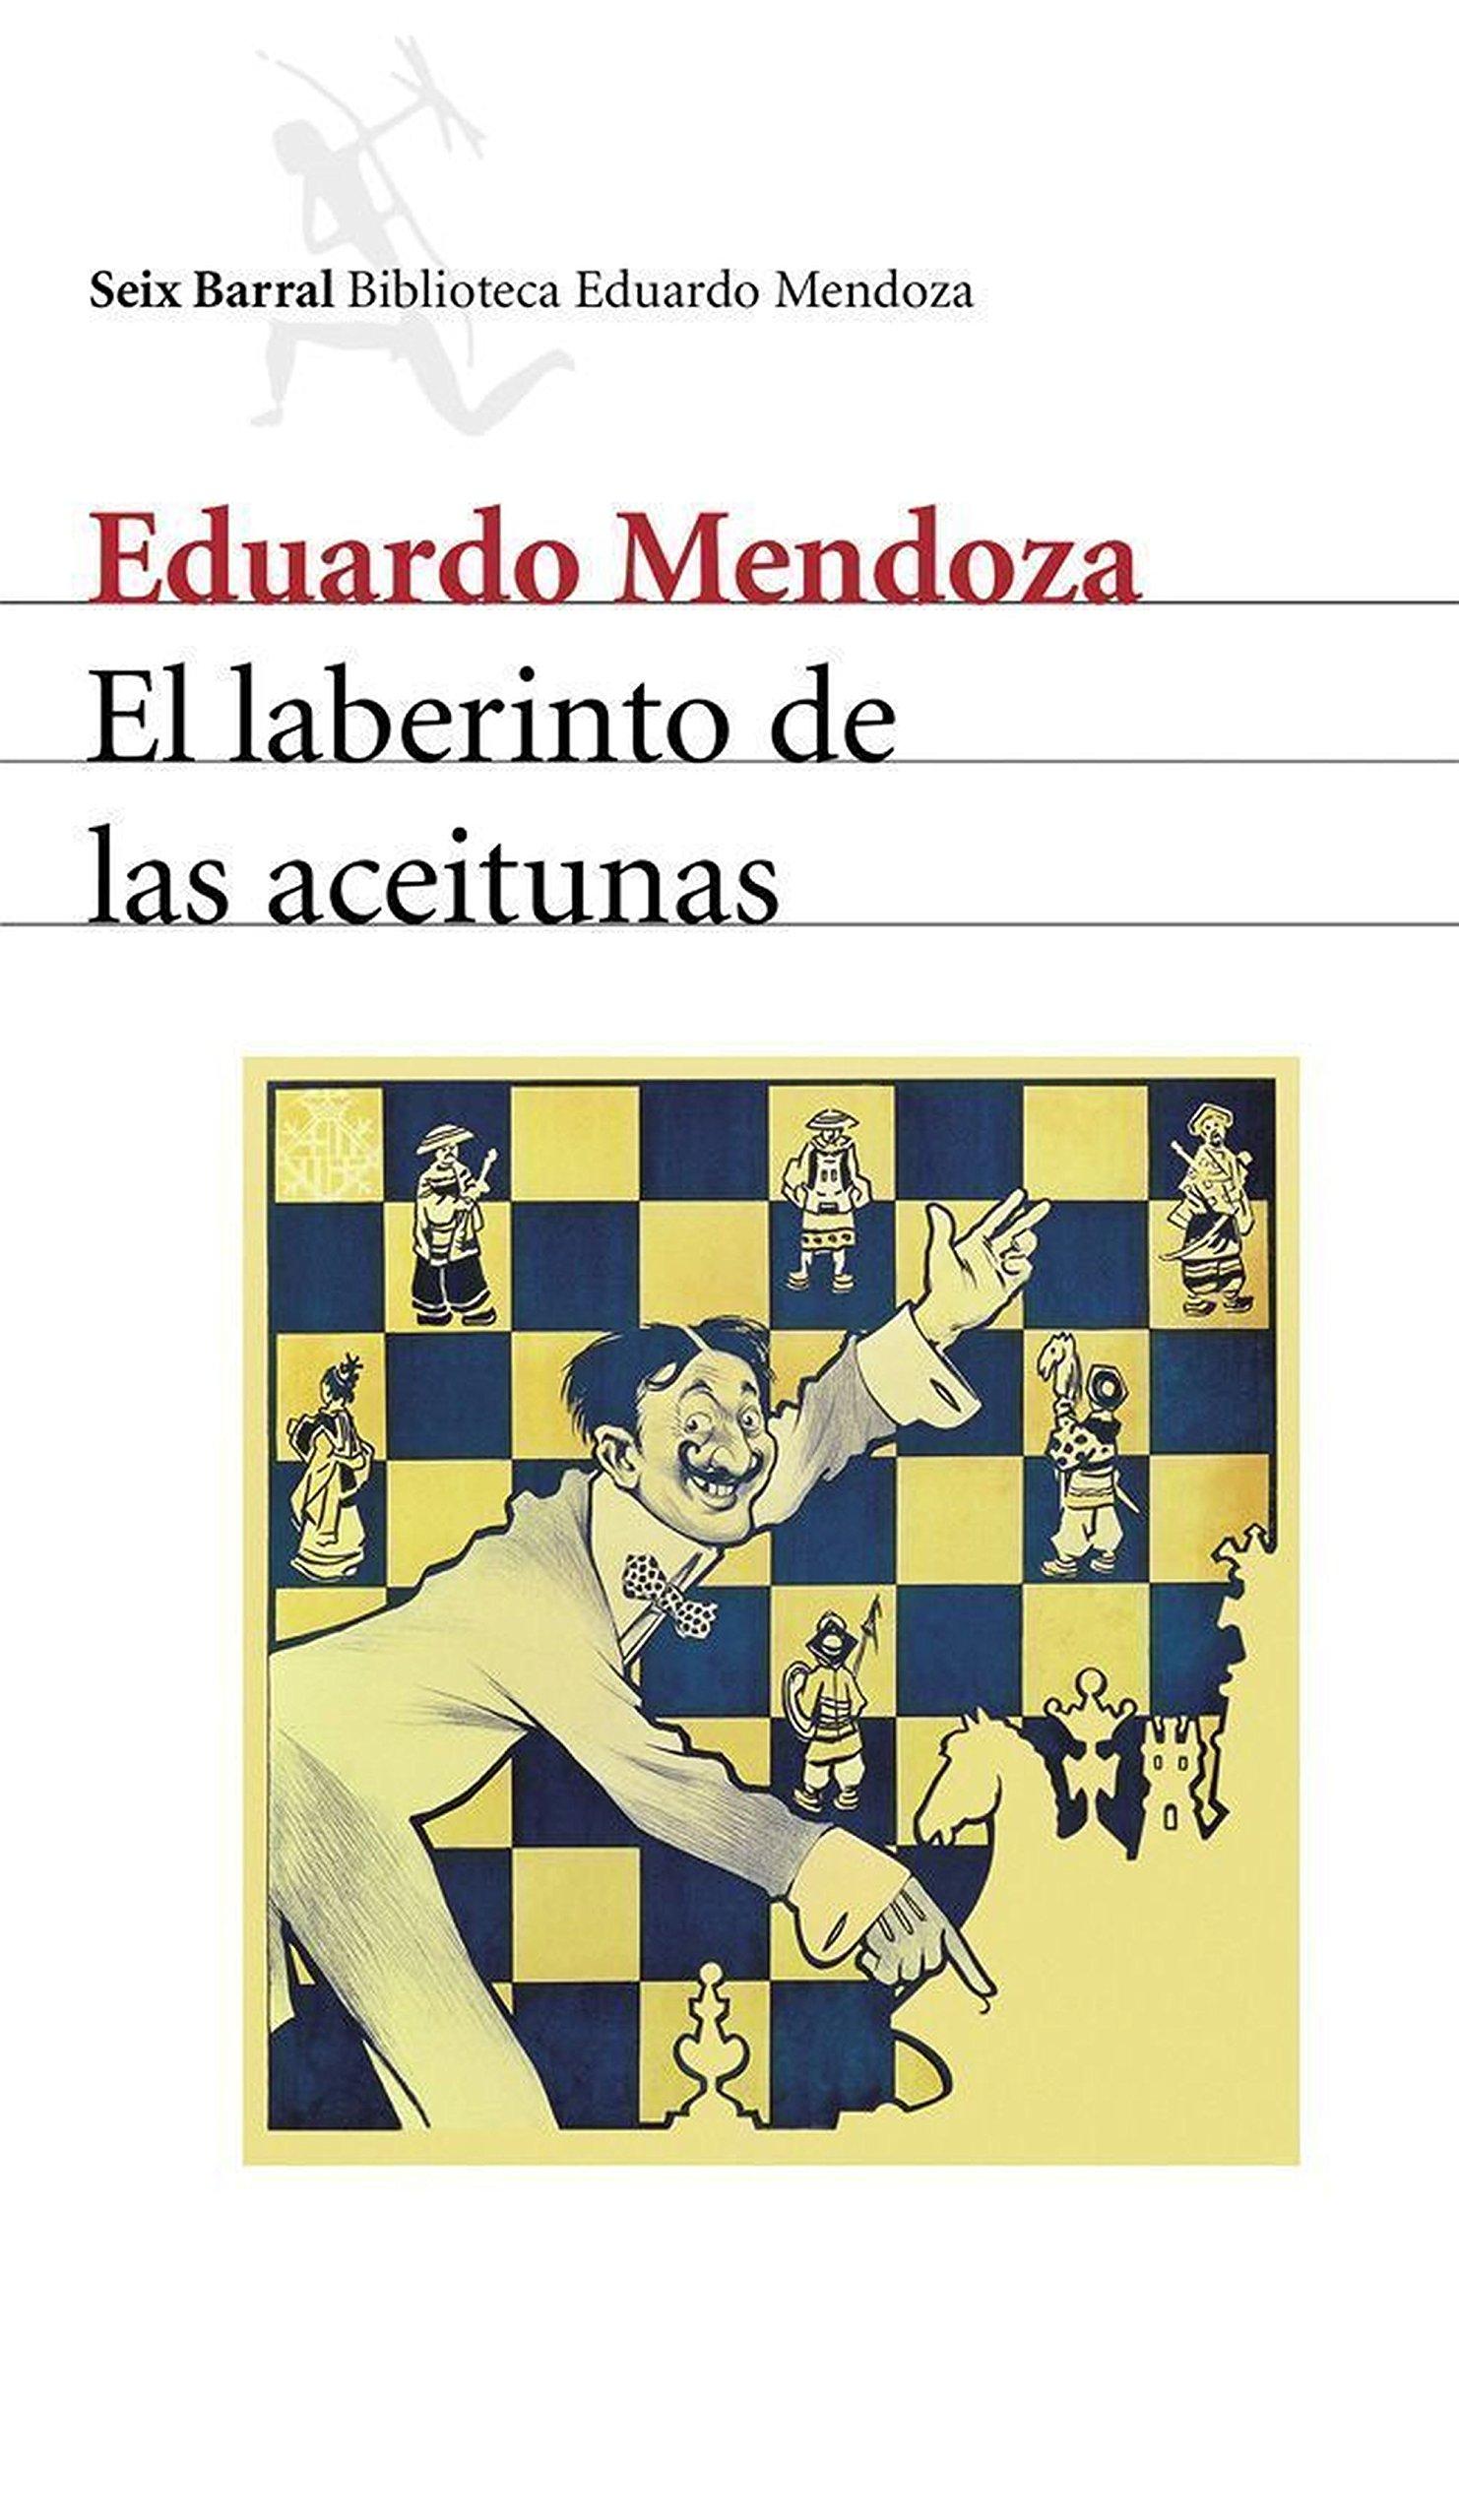 El laberinto de las aceitunas (Seix Barral): Amazon.es: Eduardo Mendoza: Libros